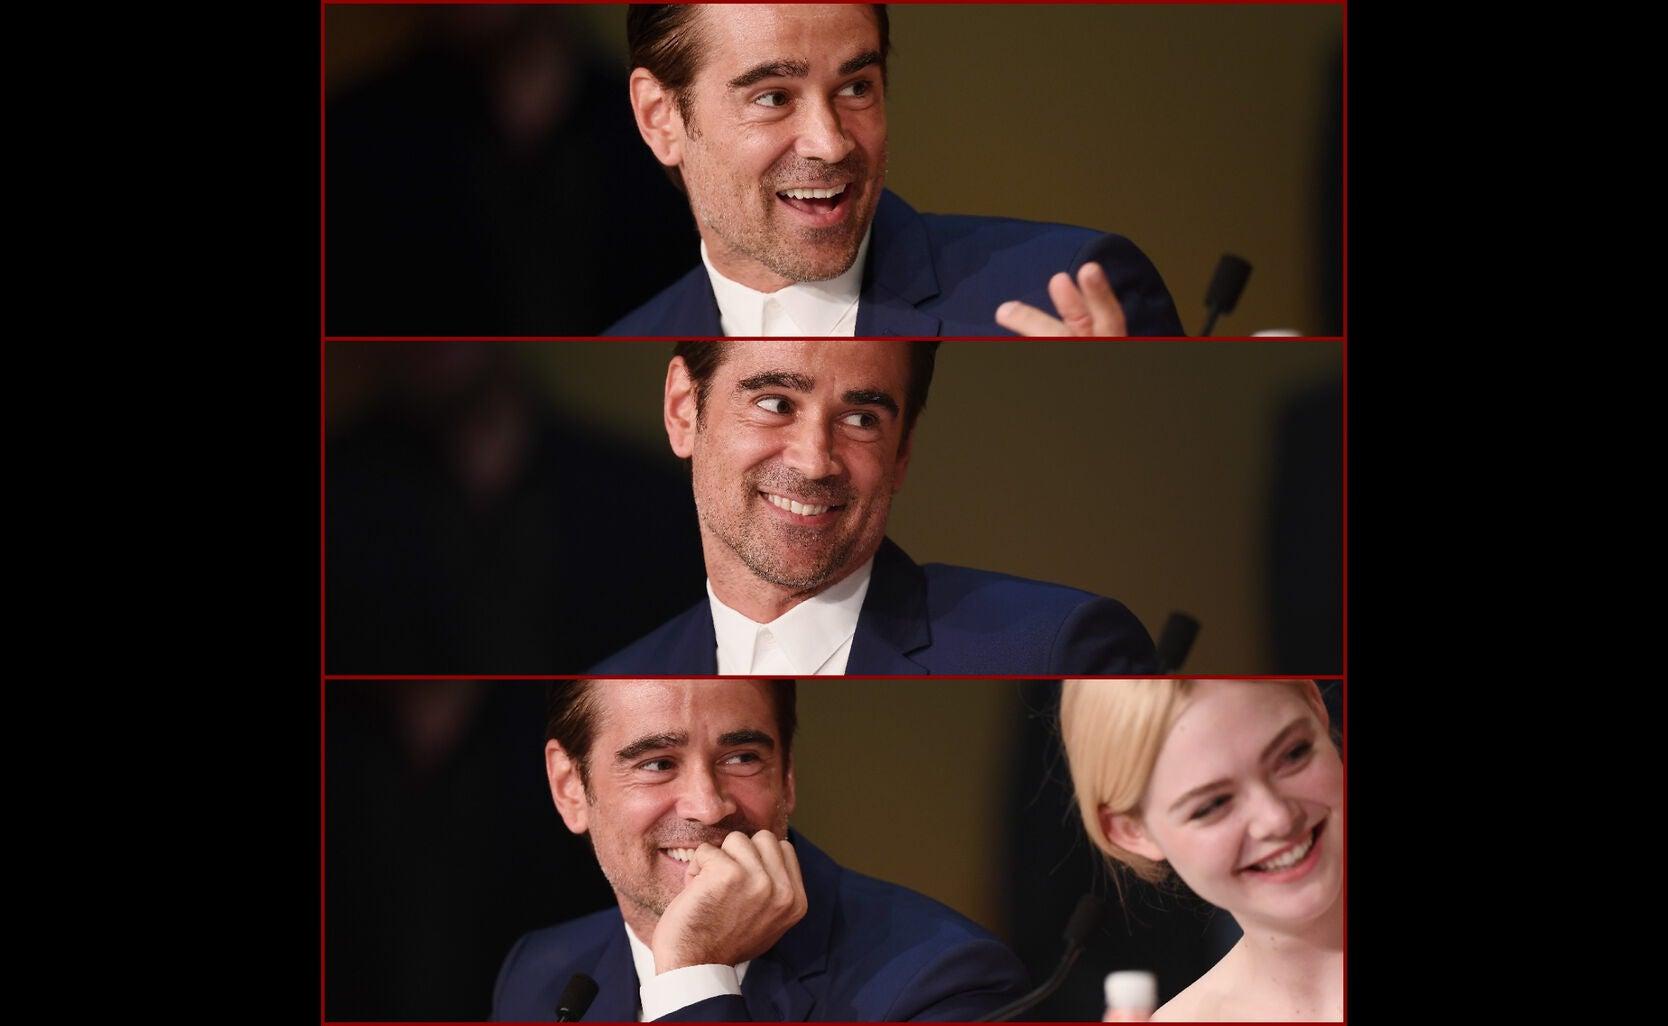 Colin Farrell in Cannes 2017